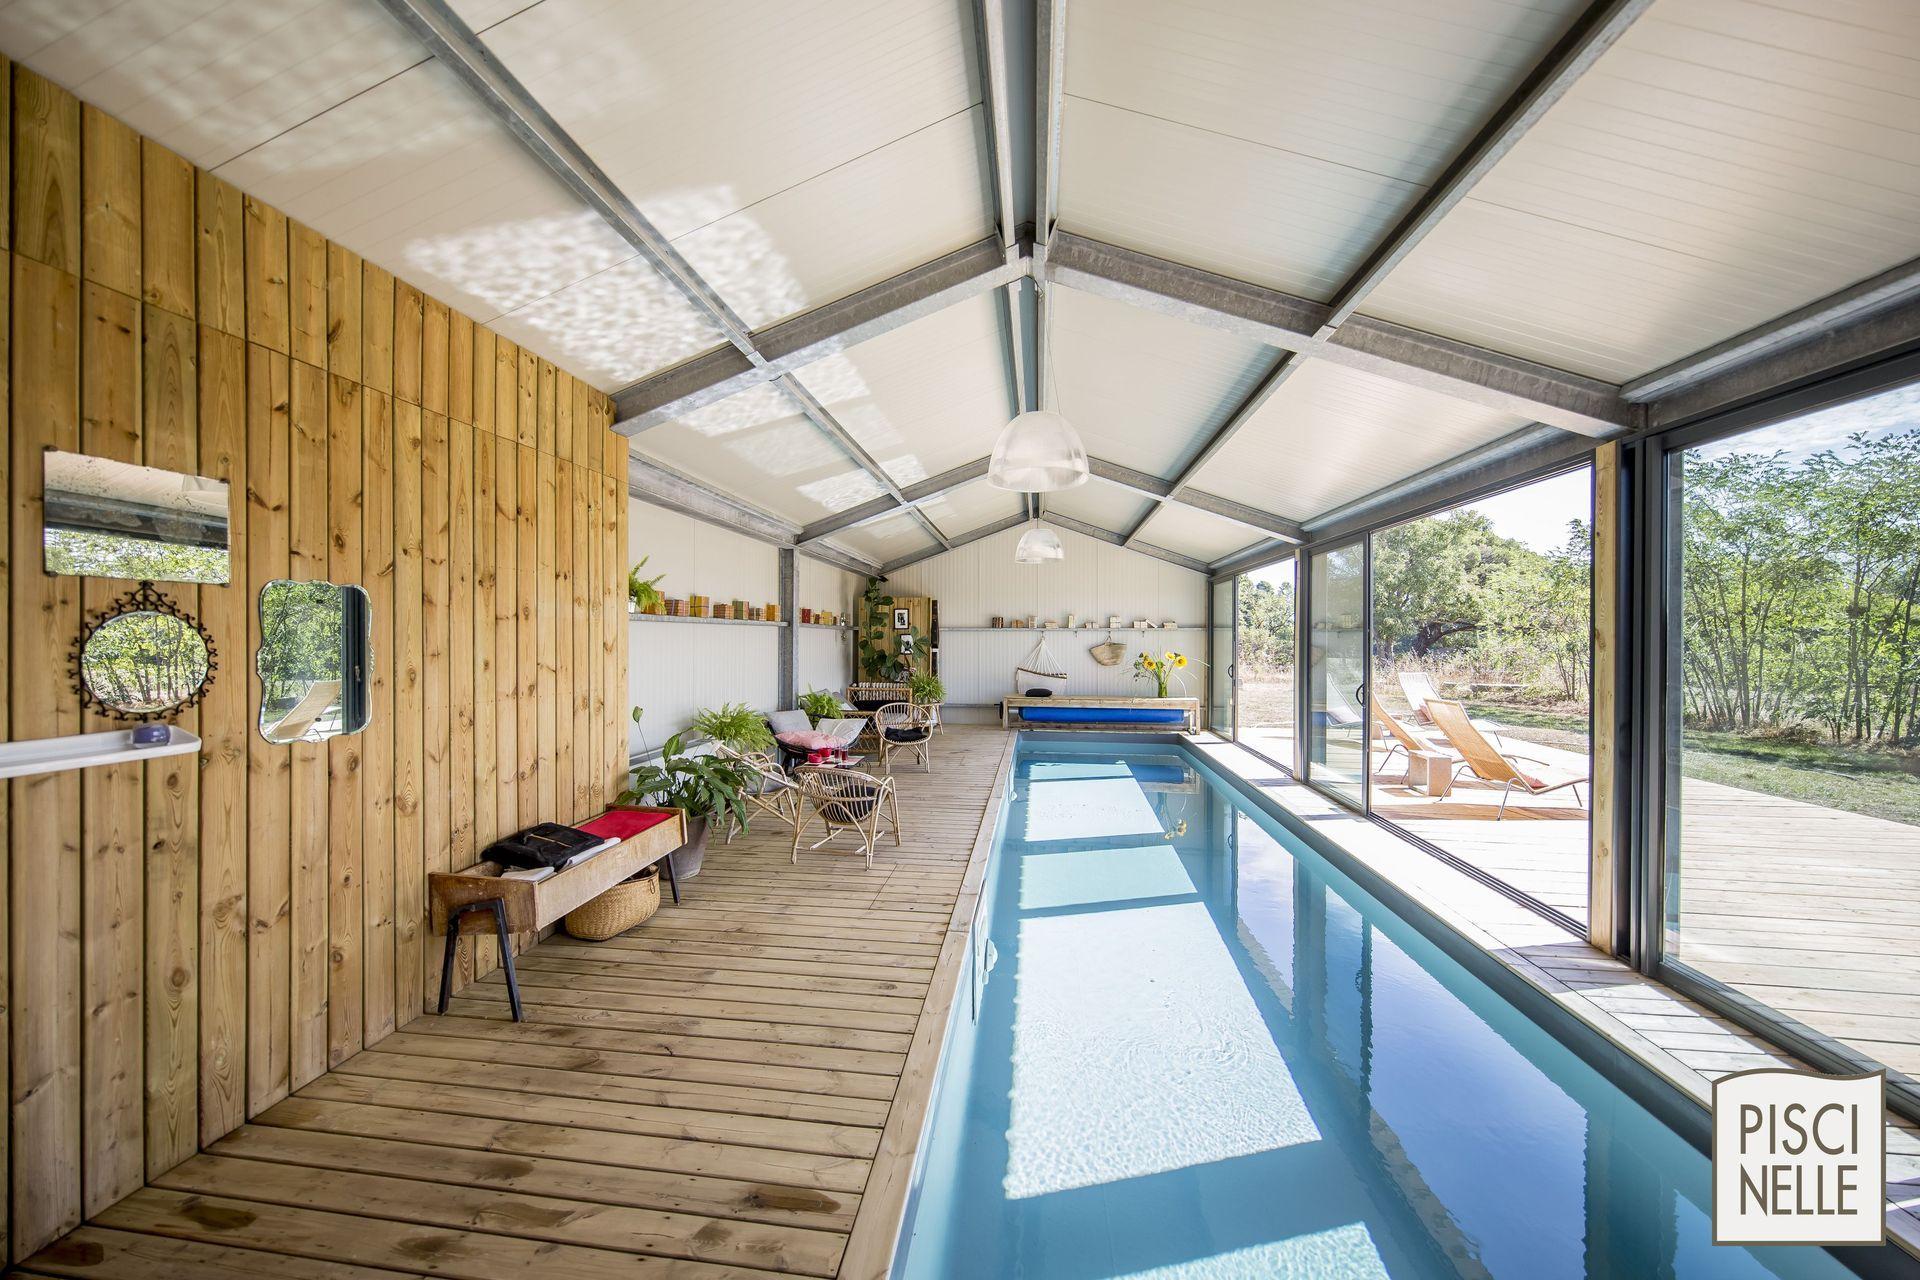 particuli rement lumineux ce couloir de nage d 39 int rieur est bord de larges baies vitr es. Black Bedroom Furniture Sets. Home Design Ideas